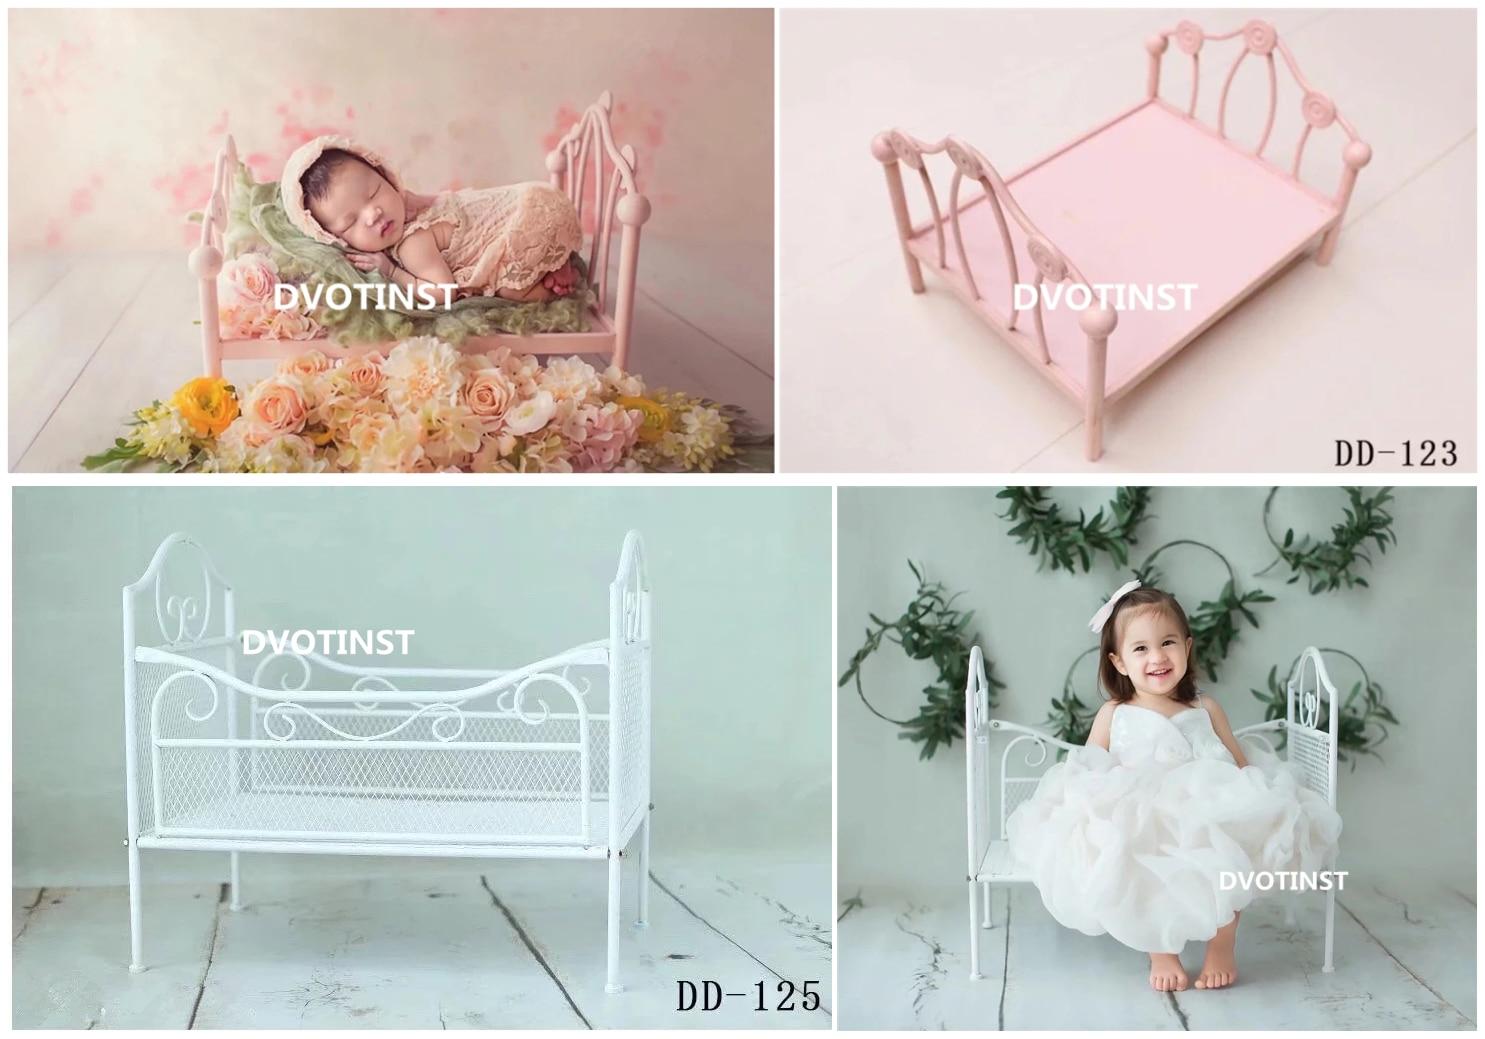 Dvotinst Neugeborenen Fotografie Requisiten Eisen Posiert Prinzessin Mini Bett Poser für Baby Foto Fotografia Schießt Zubehör Studio Requisiten